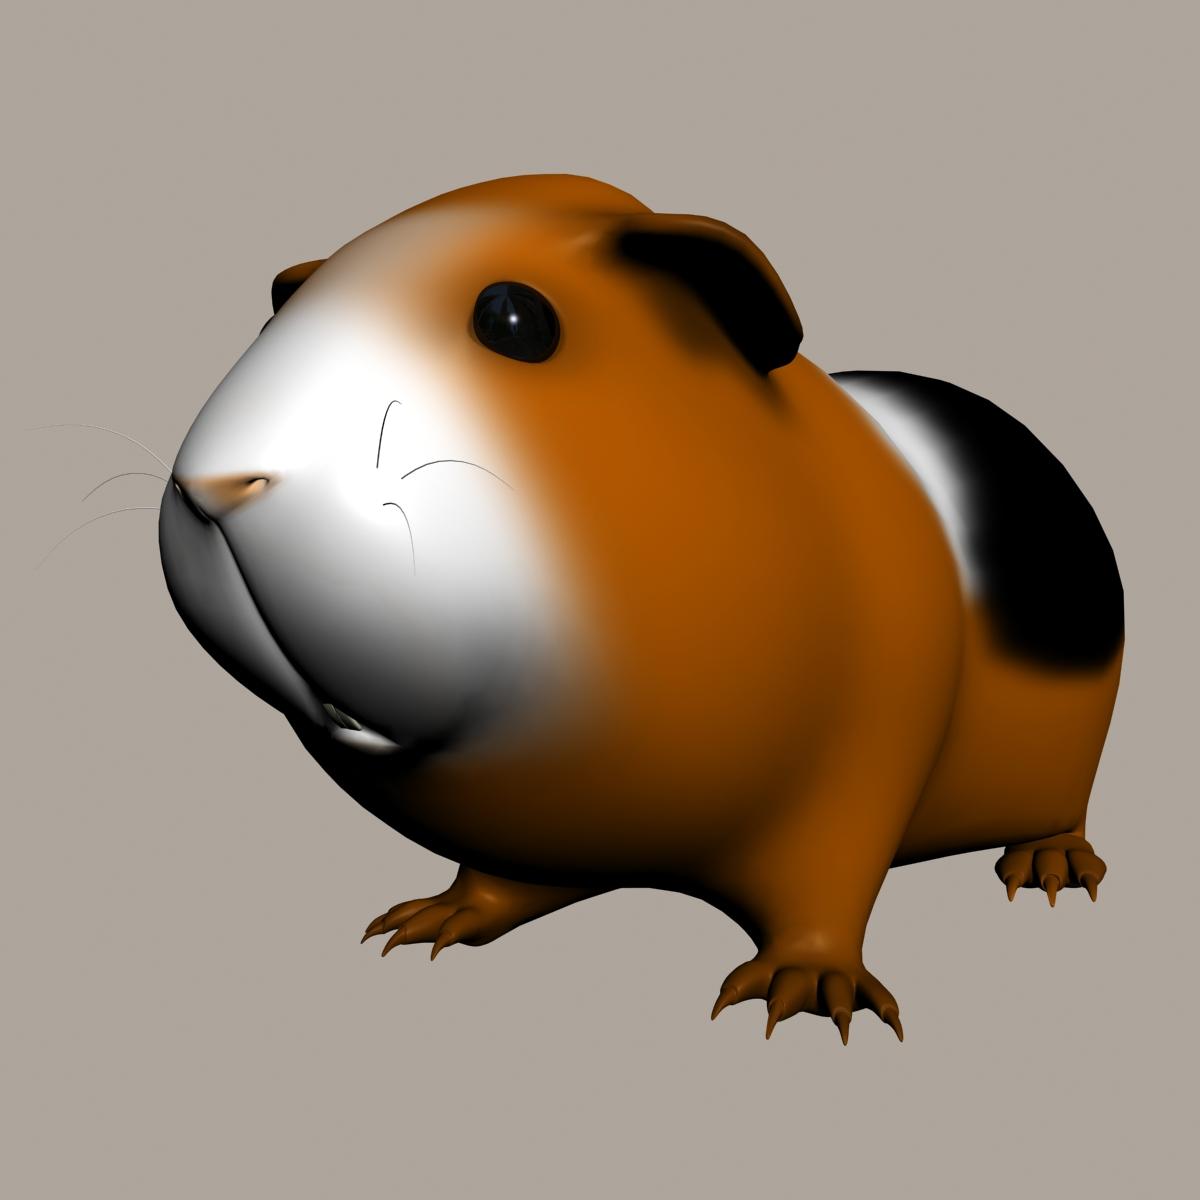 guinea-pig-cavia-porcellus-rigged-3d-mod